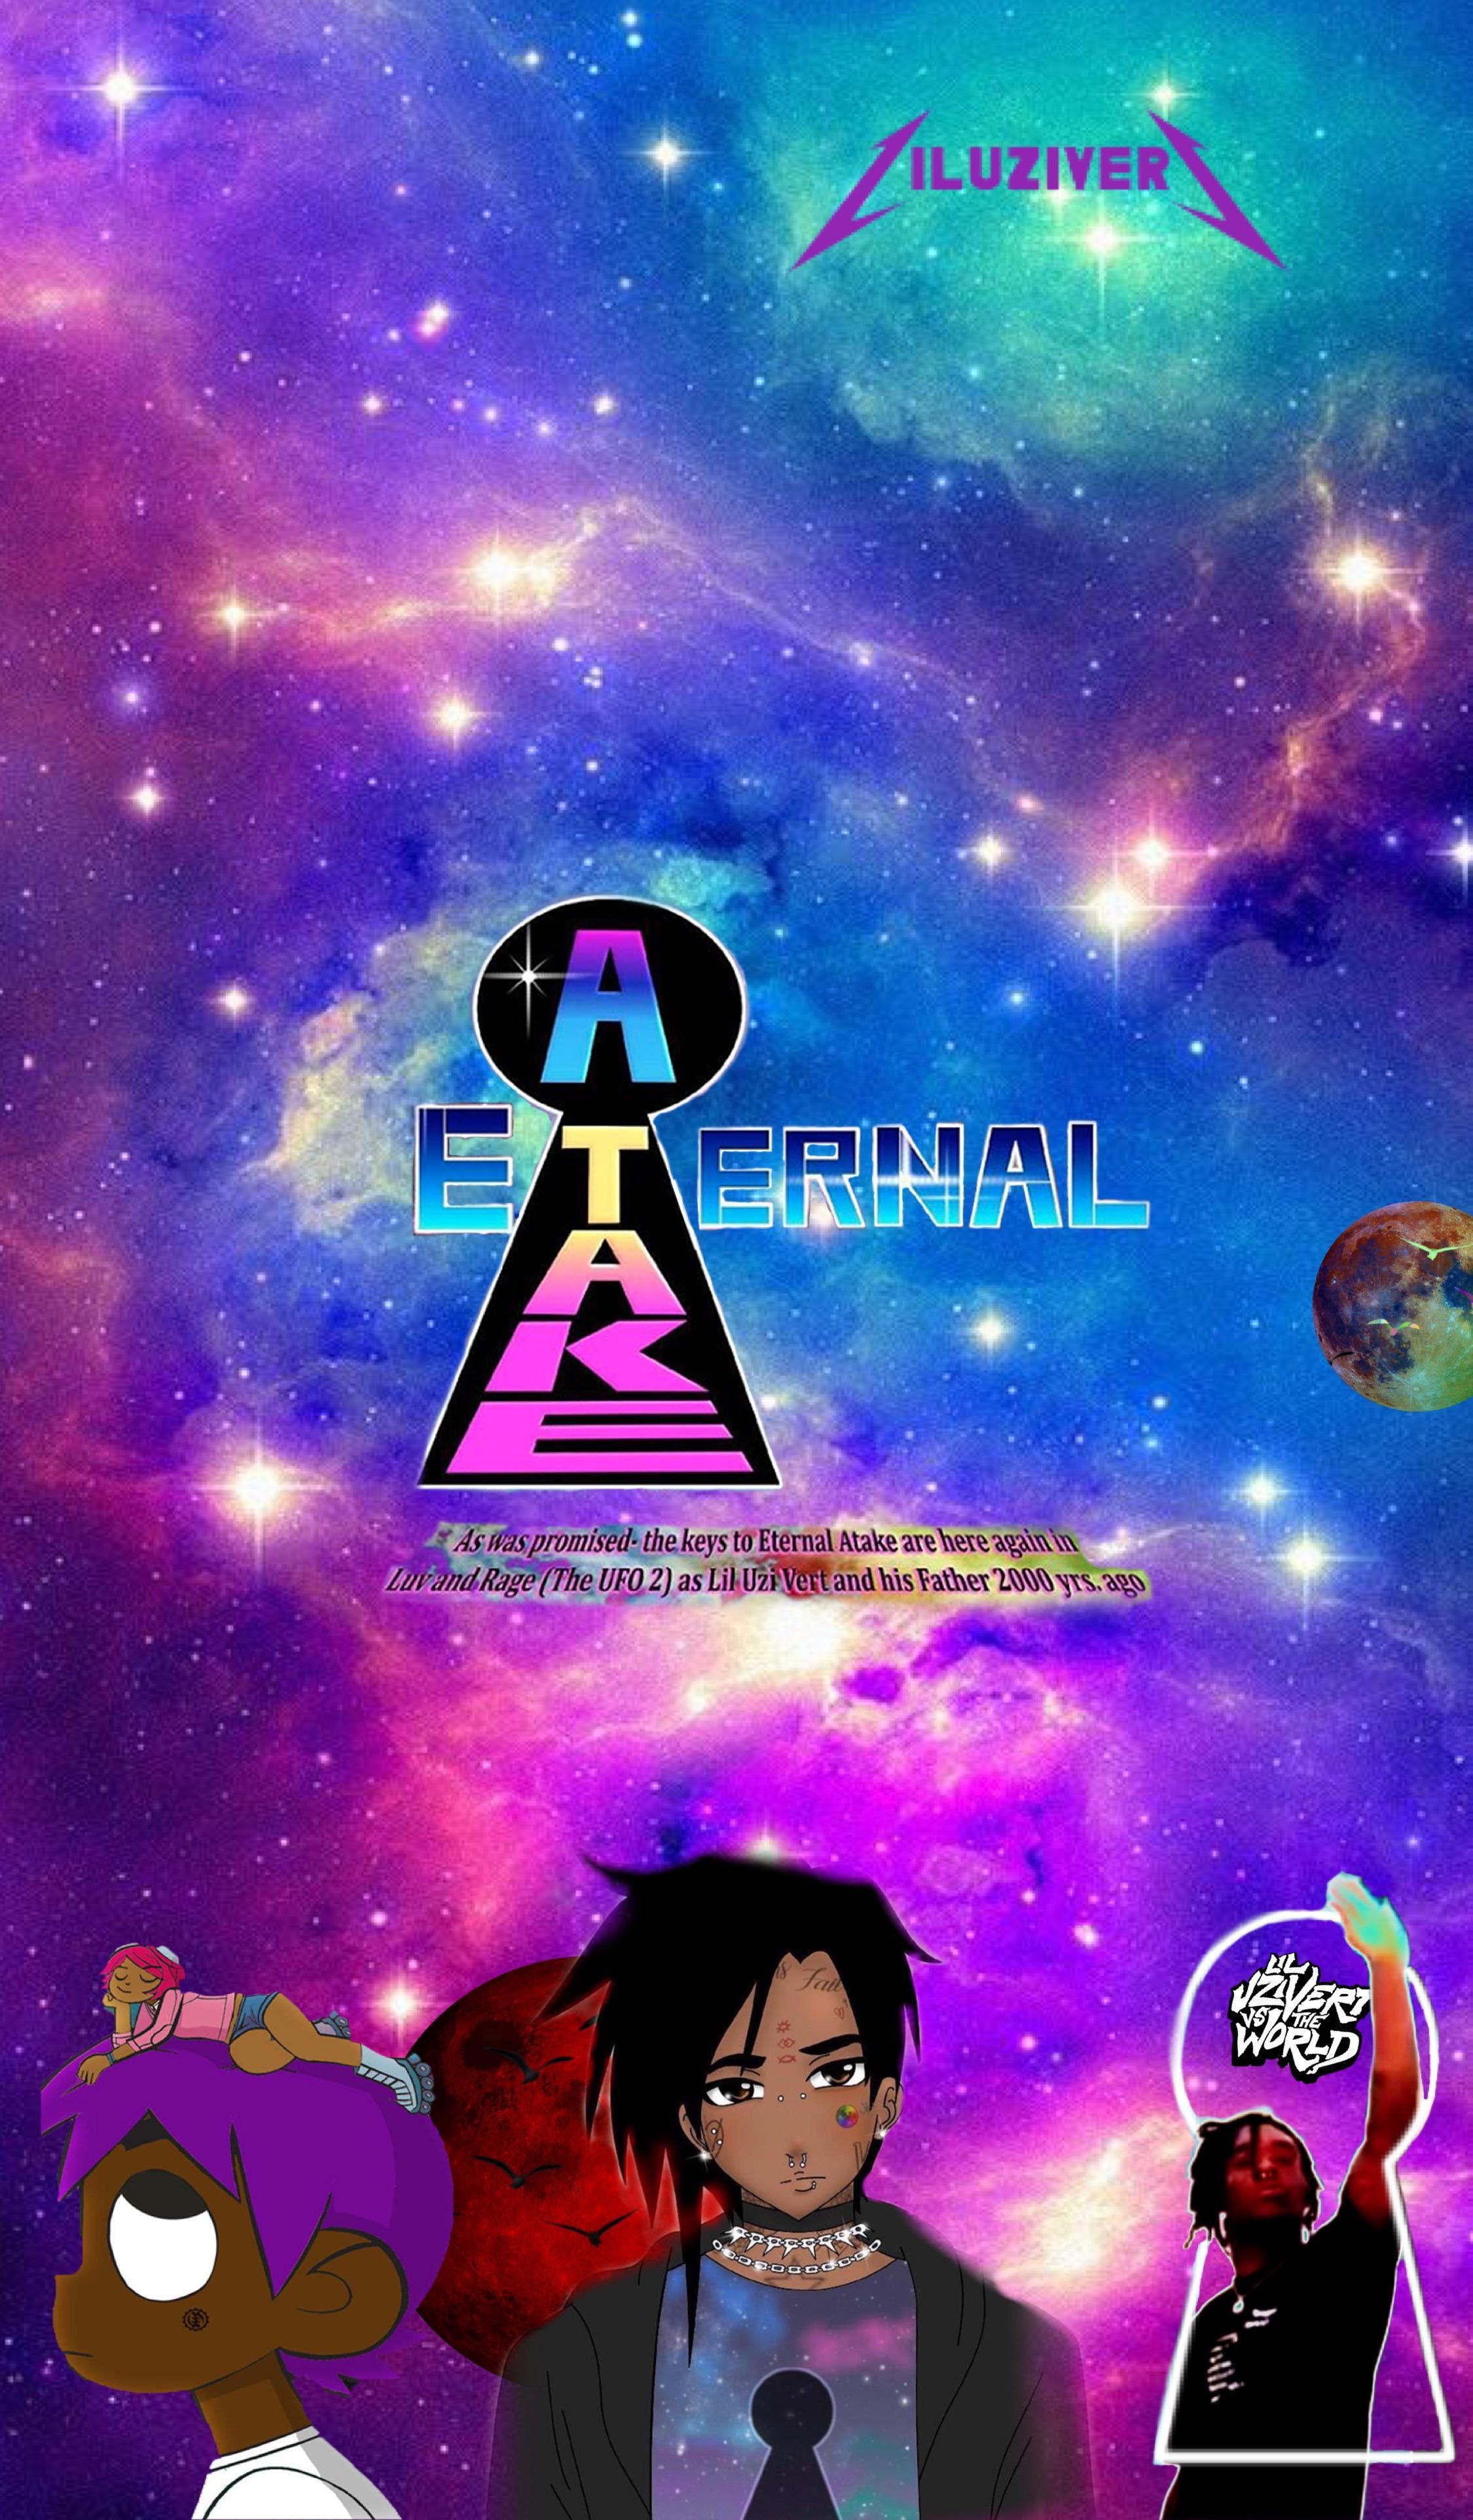 Eternal Atake Wallpapers Top Free Eternal Atake Backgrounds